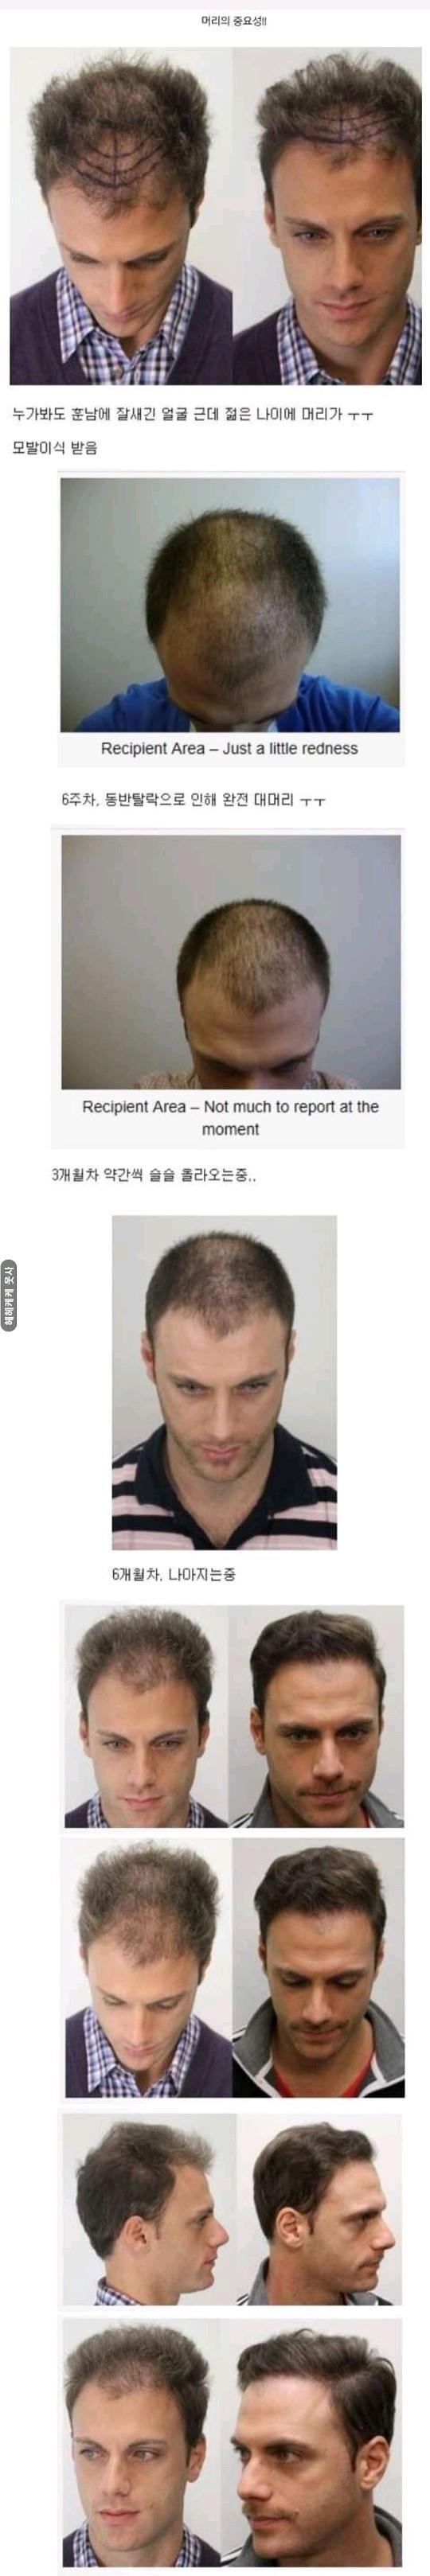 머리카락의 중요성